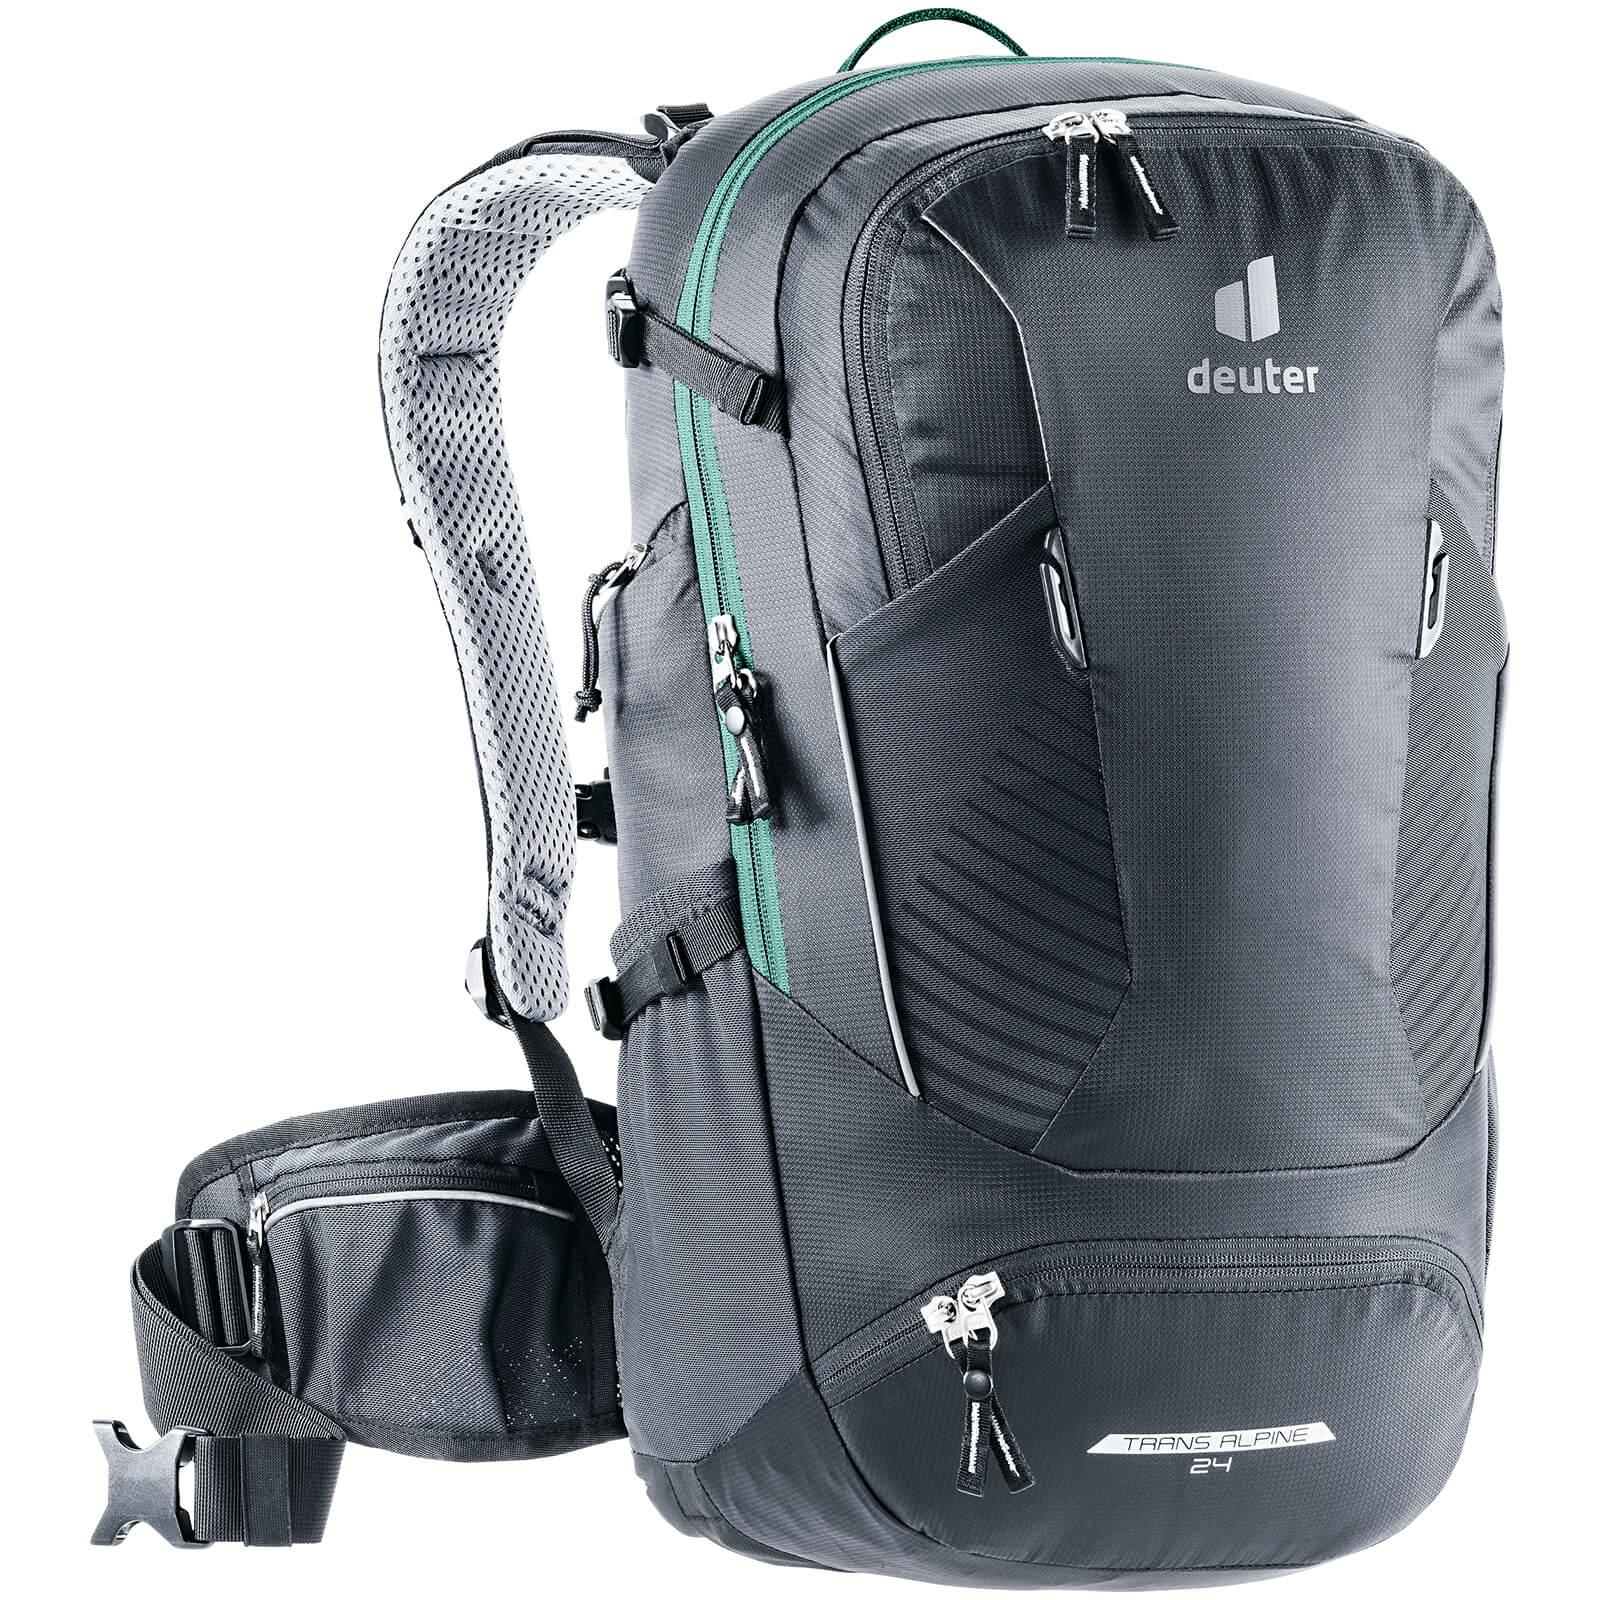 deuter Trans Alpine 24 Backpack - Black